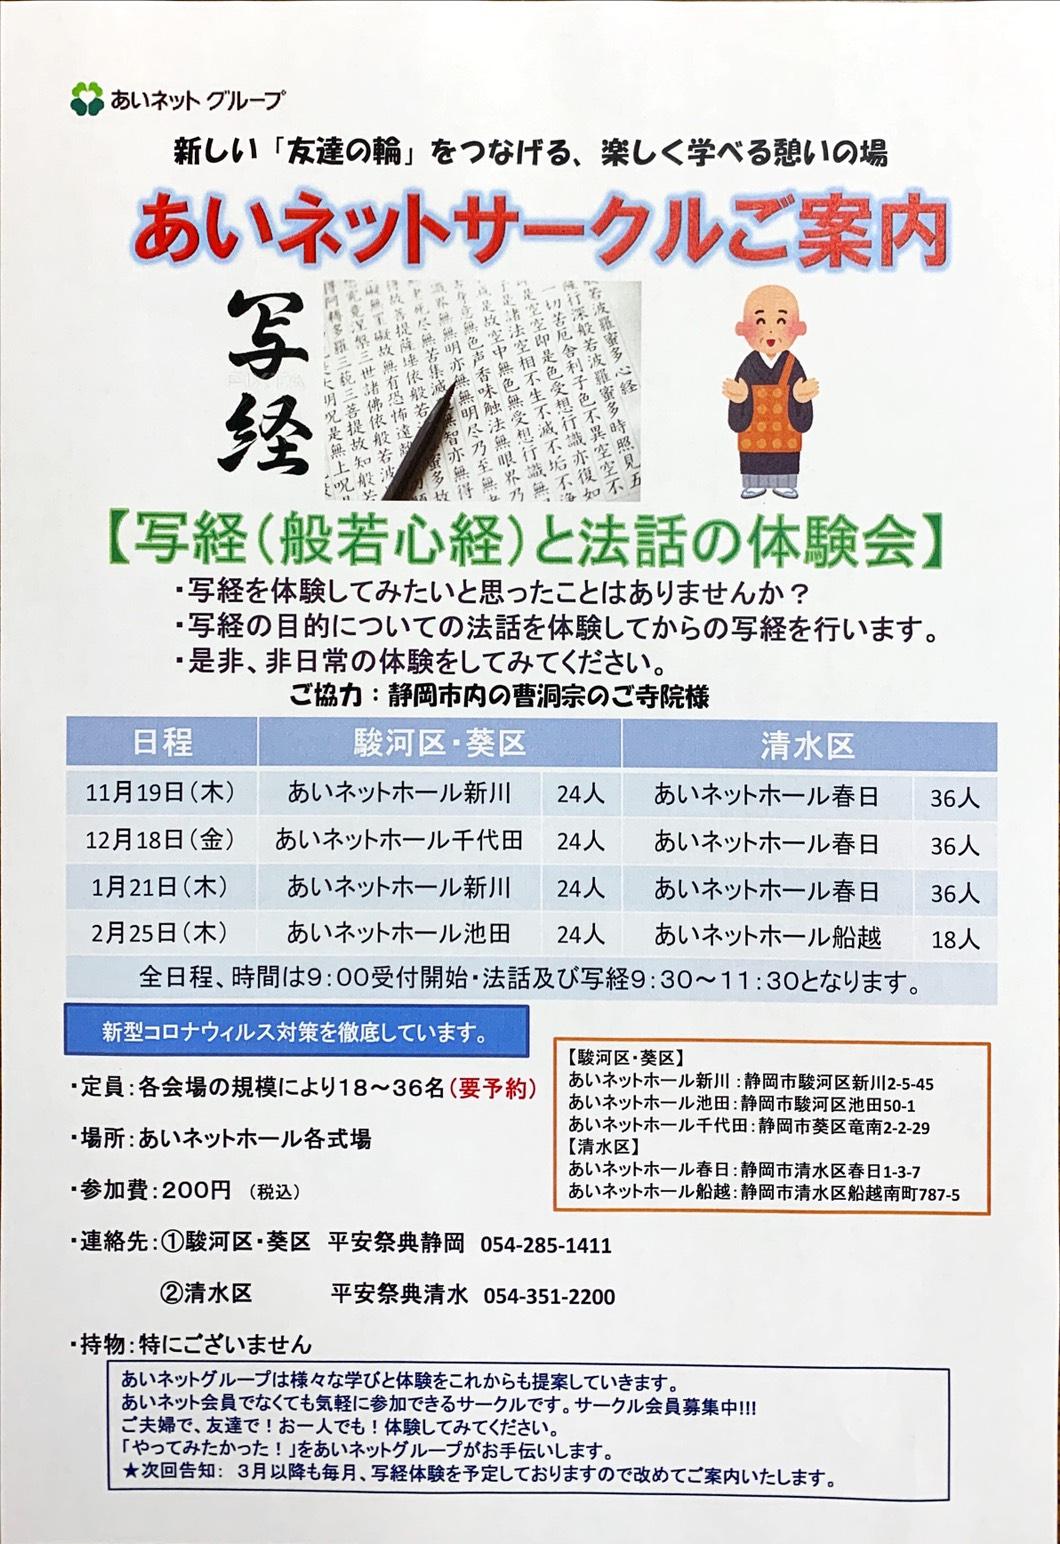 【あいネットサークル】法話と写経体験会